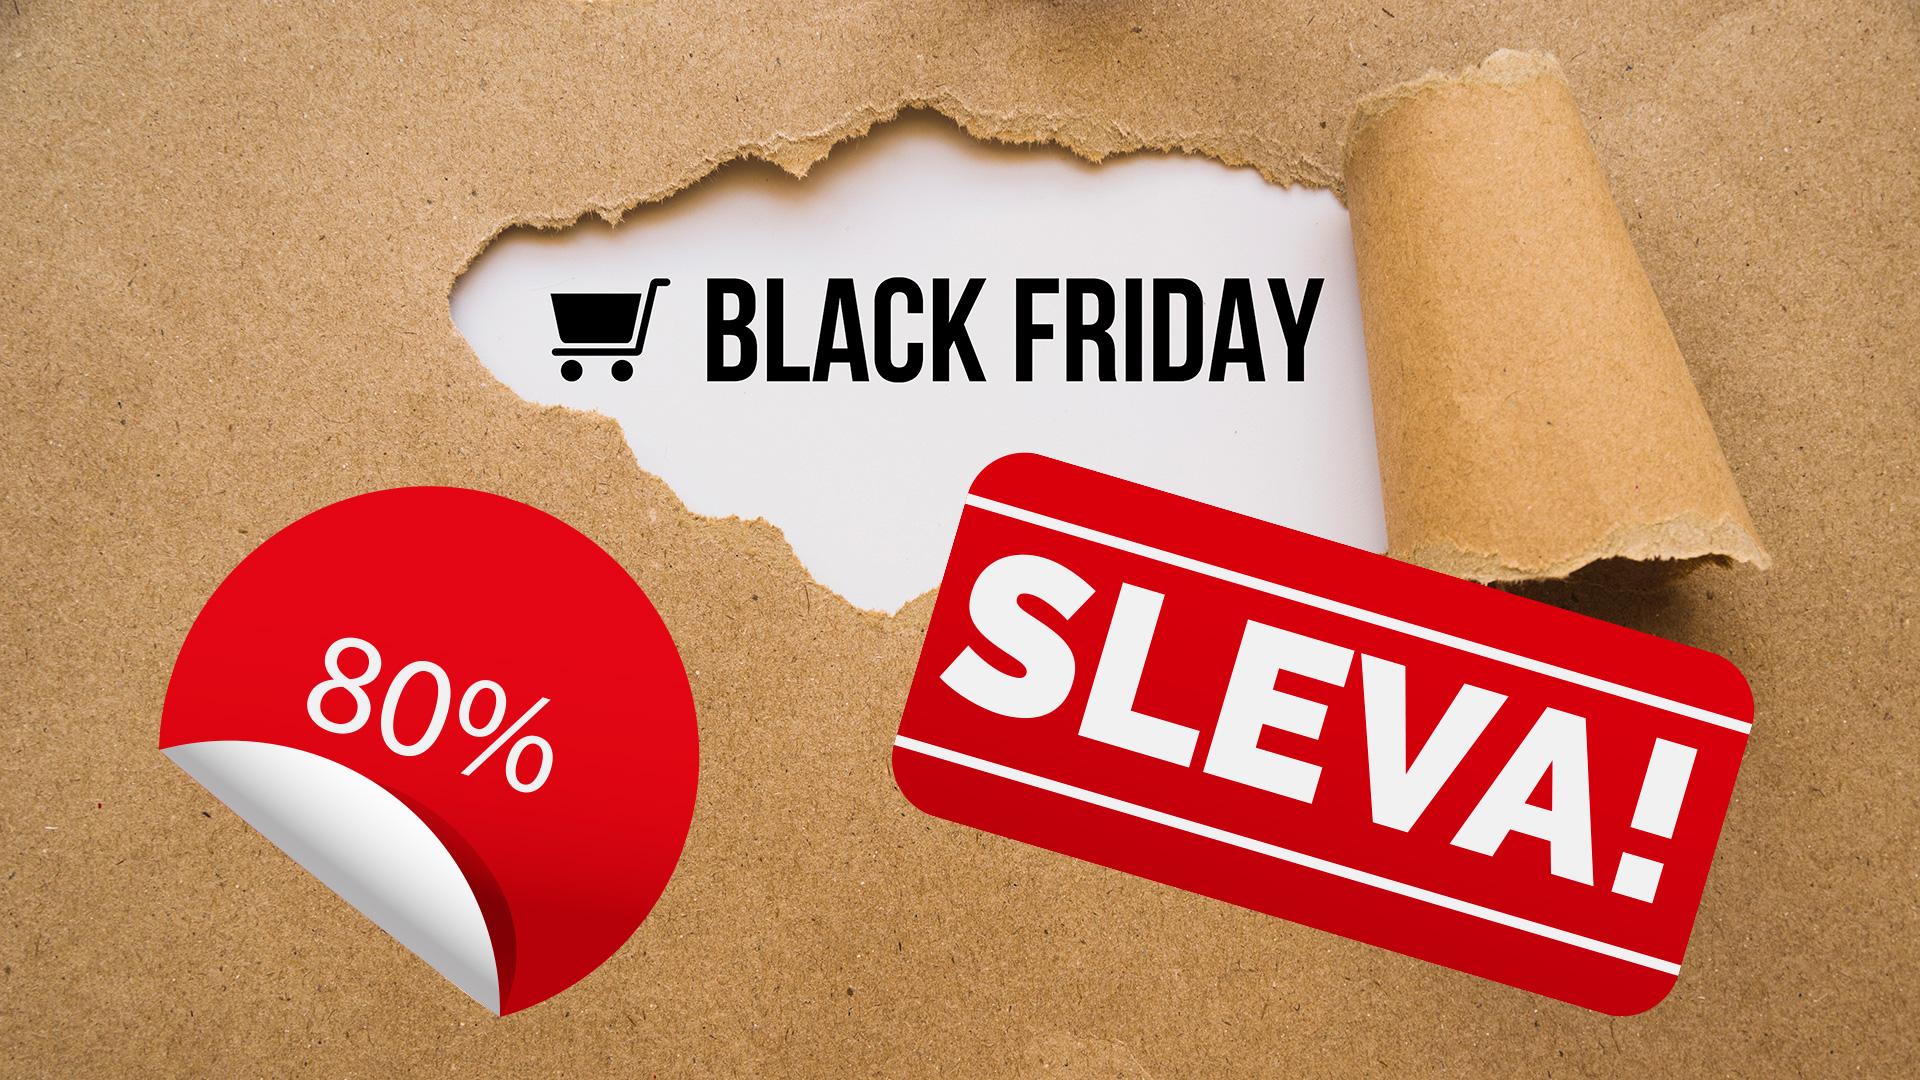 Obrázek: Pozor na Black Friday: Proč lžou české e-shopy o výši slev?